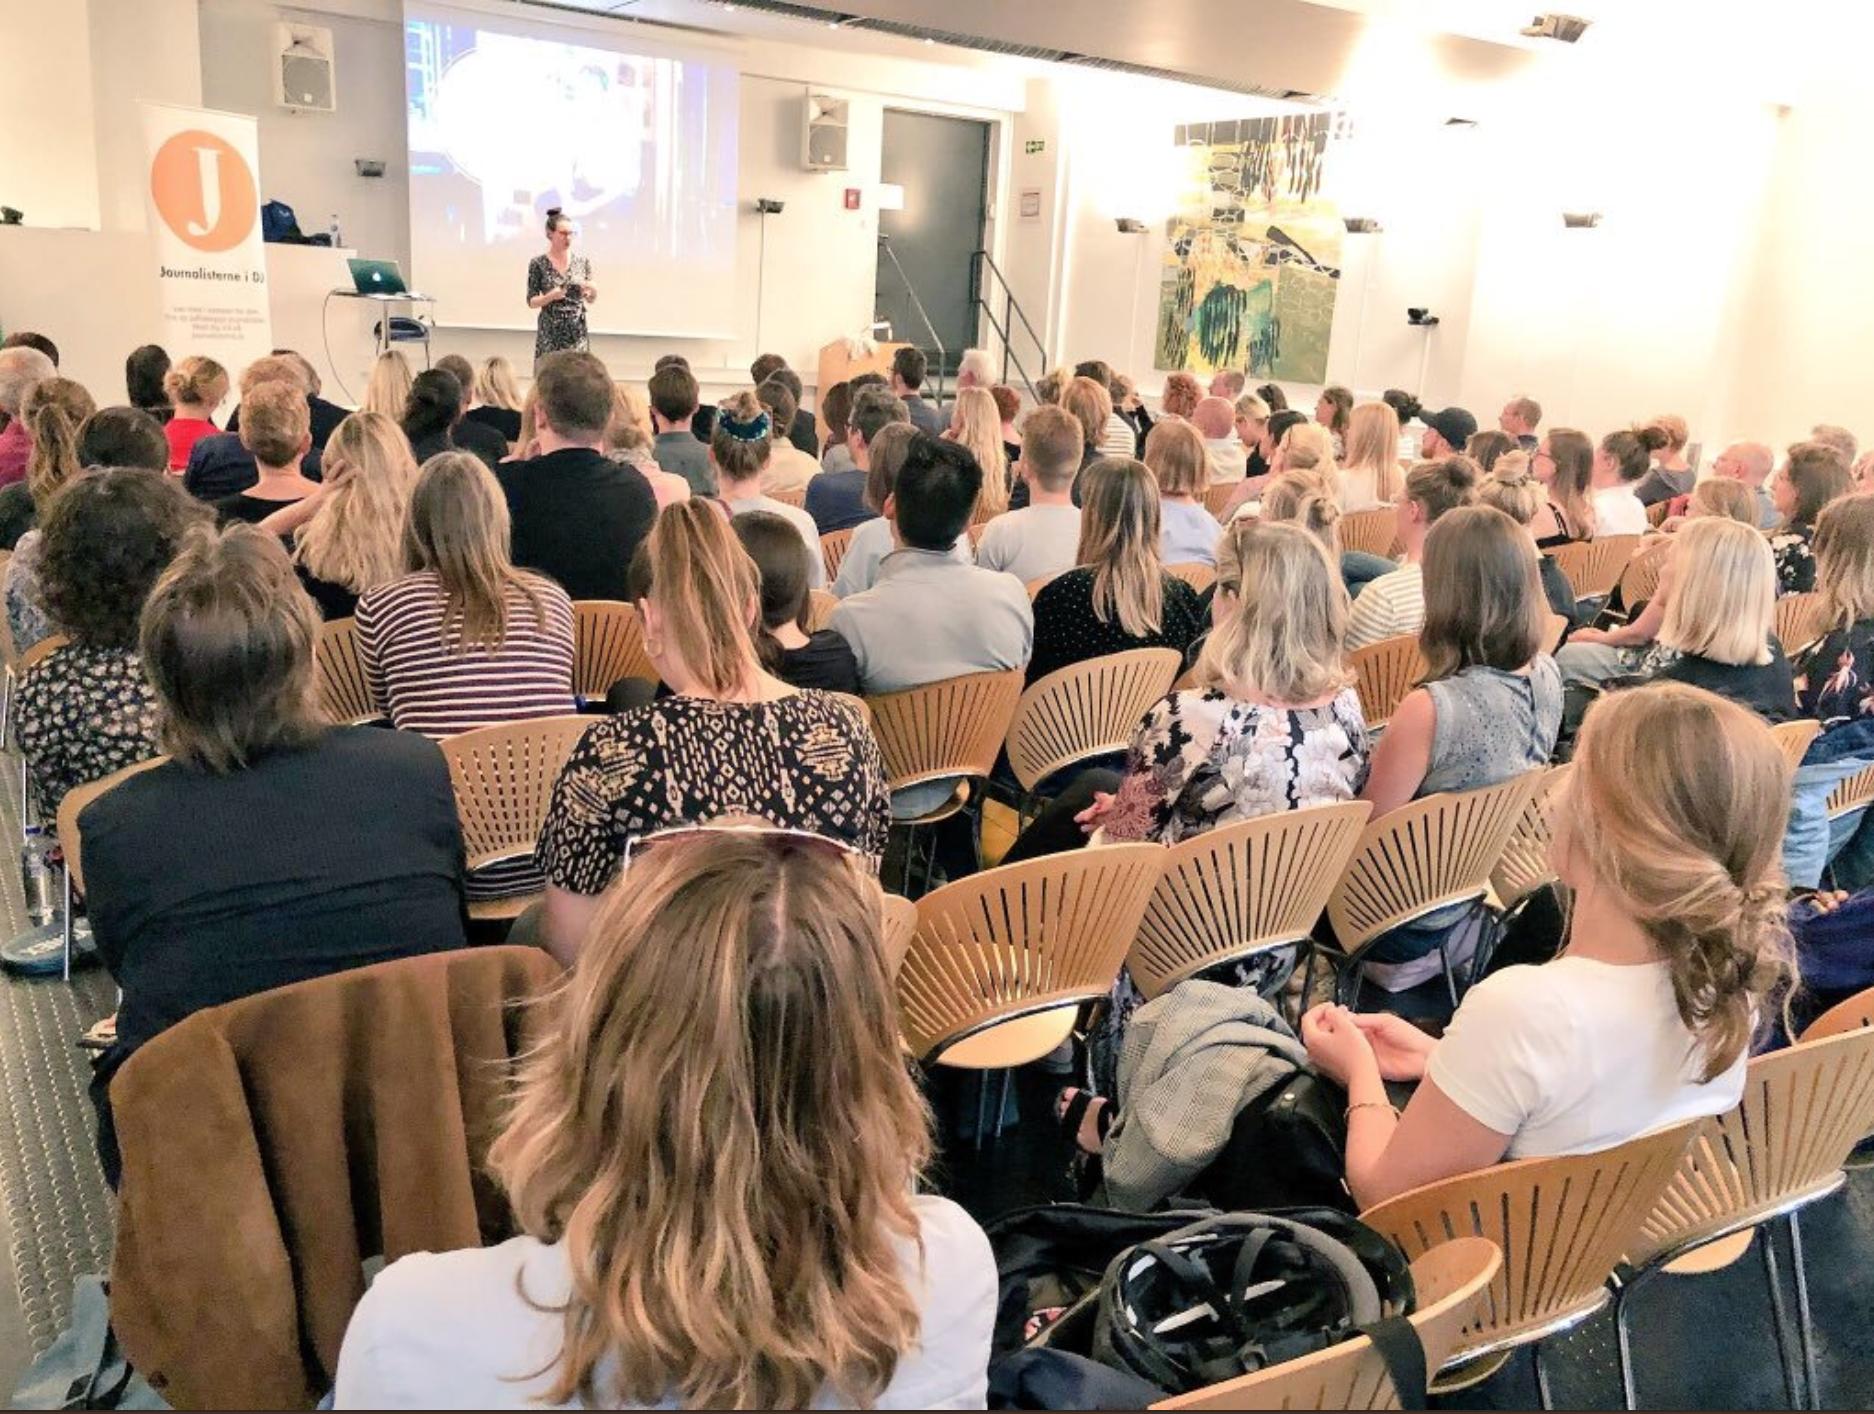 At Politikens in Denmark